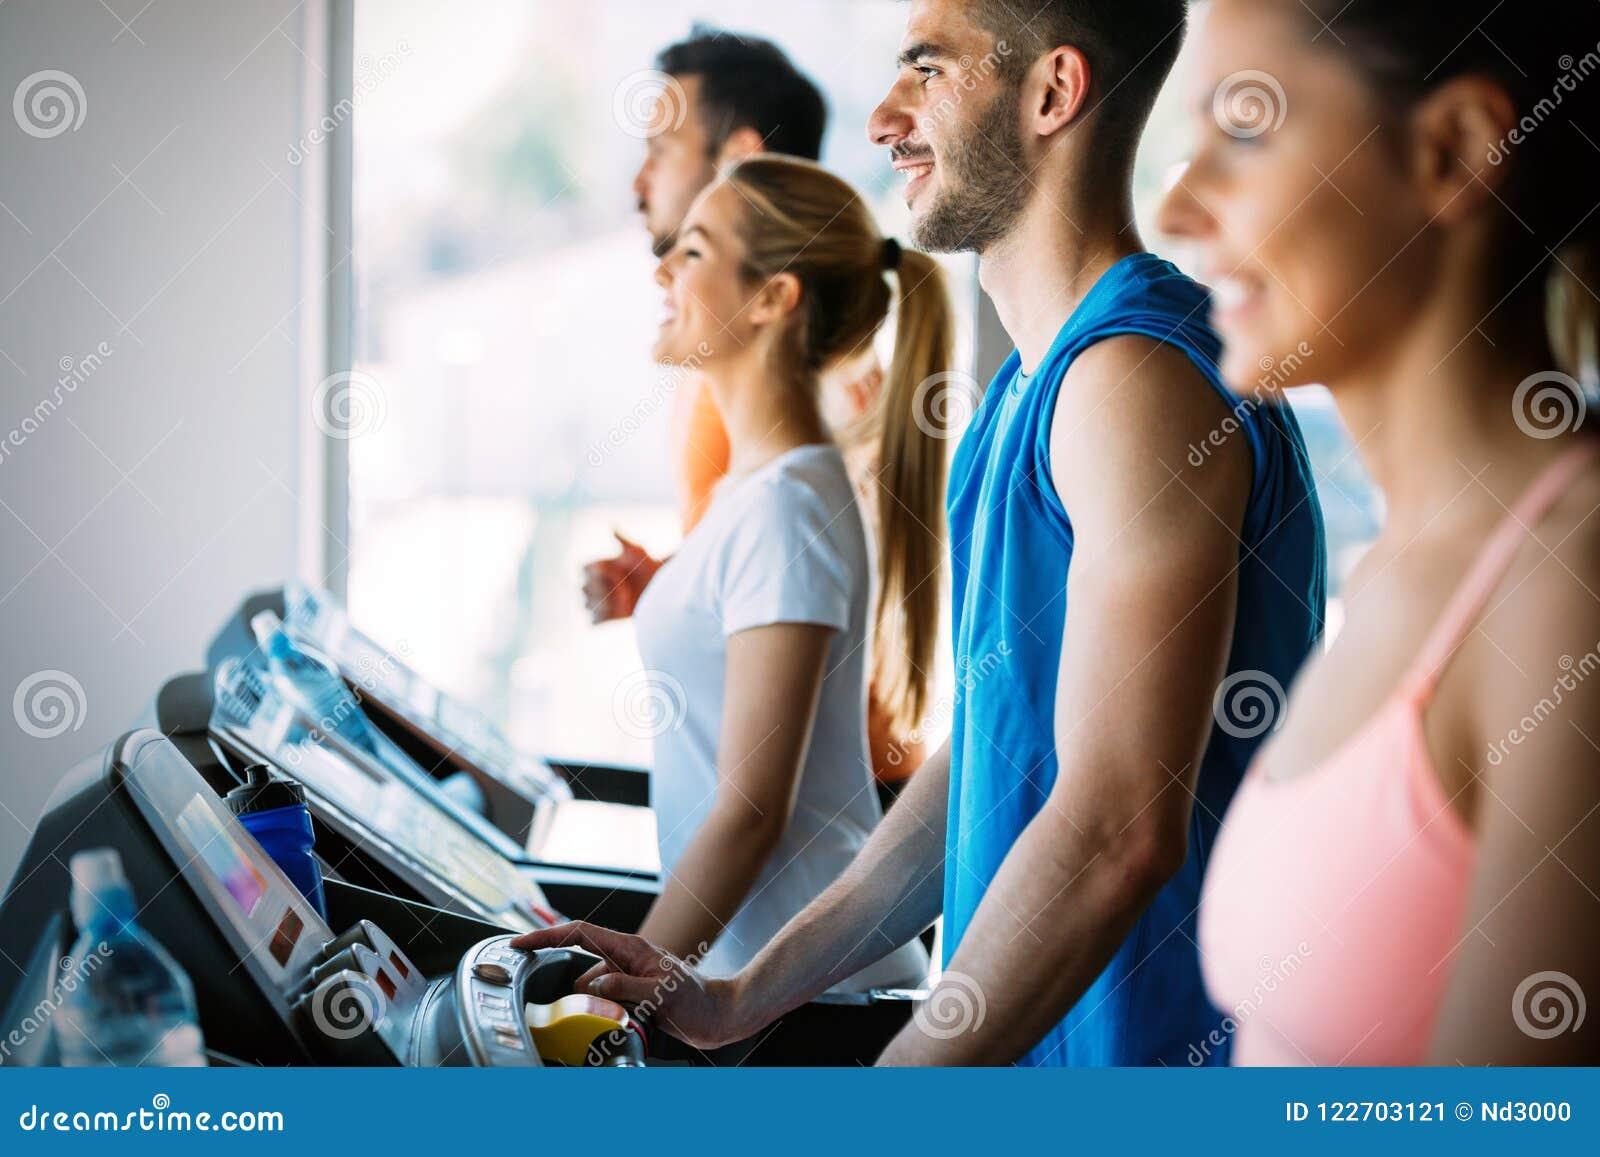 快乐的健身队的图片在健身房的